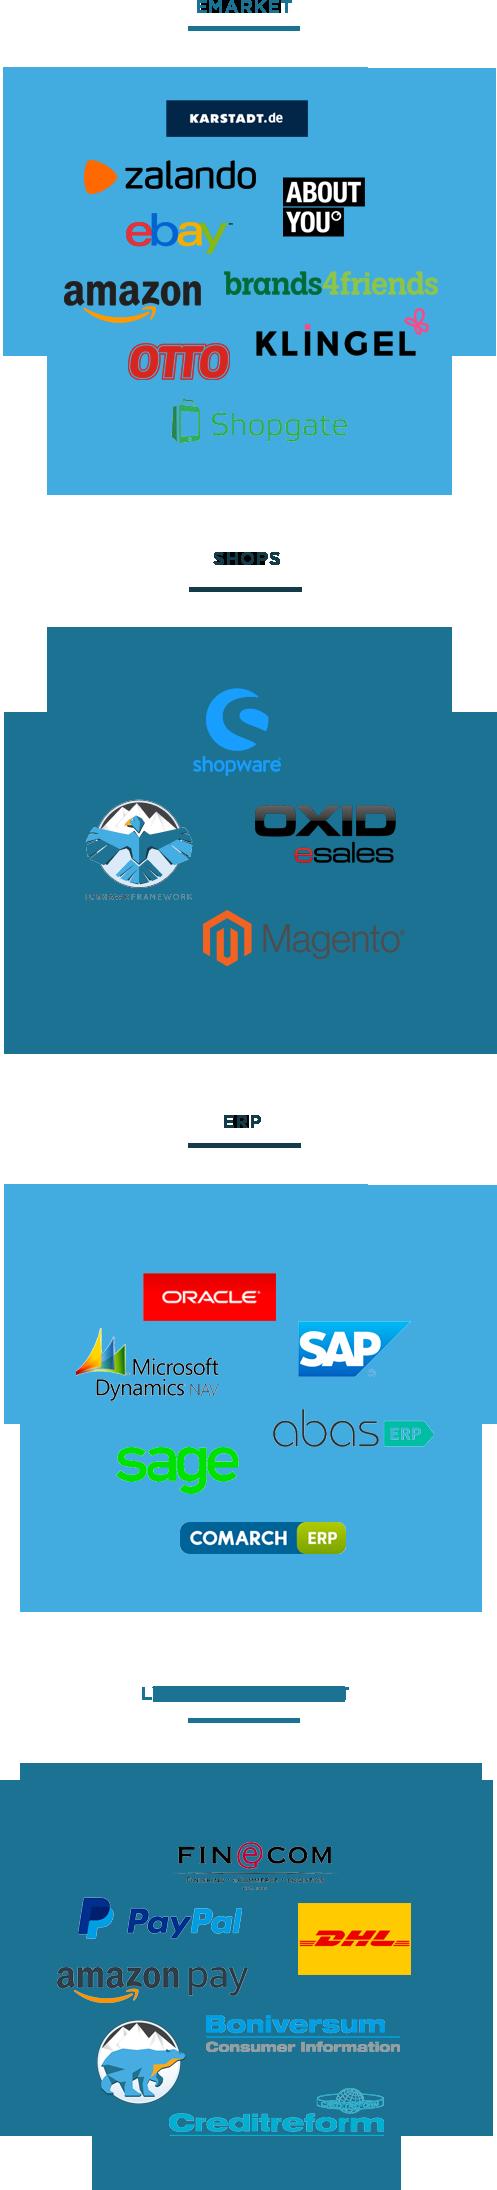 LVS - OMS - Shops - ERP- PIM - Marktplatz - Portal - Anbindung - Omni Channel - Zalando Partnerprogramm - OSS - DOSS - Click & Collect - SAAS - Enterprise Cloud System - Cloud